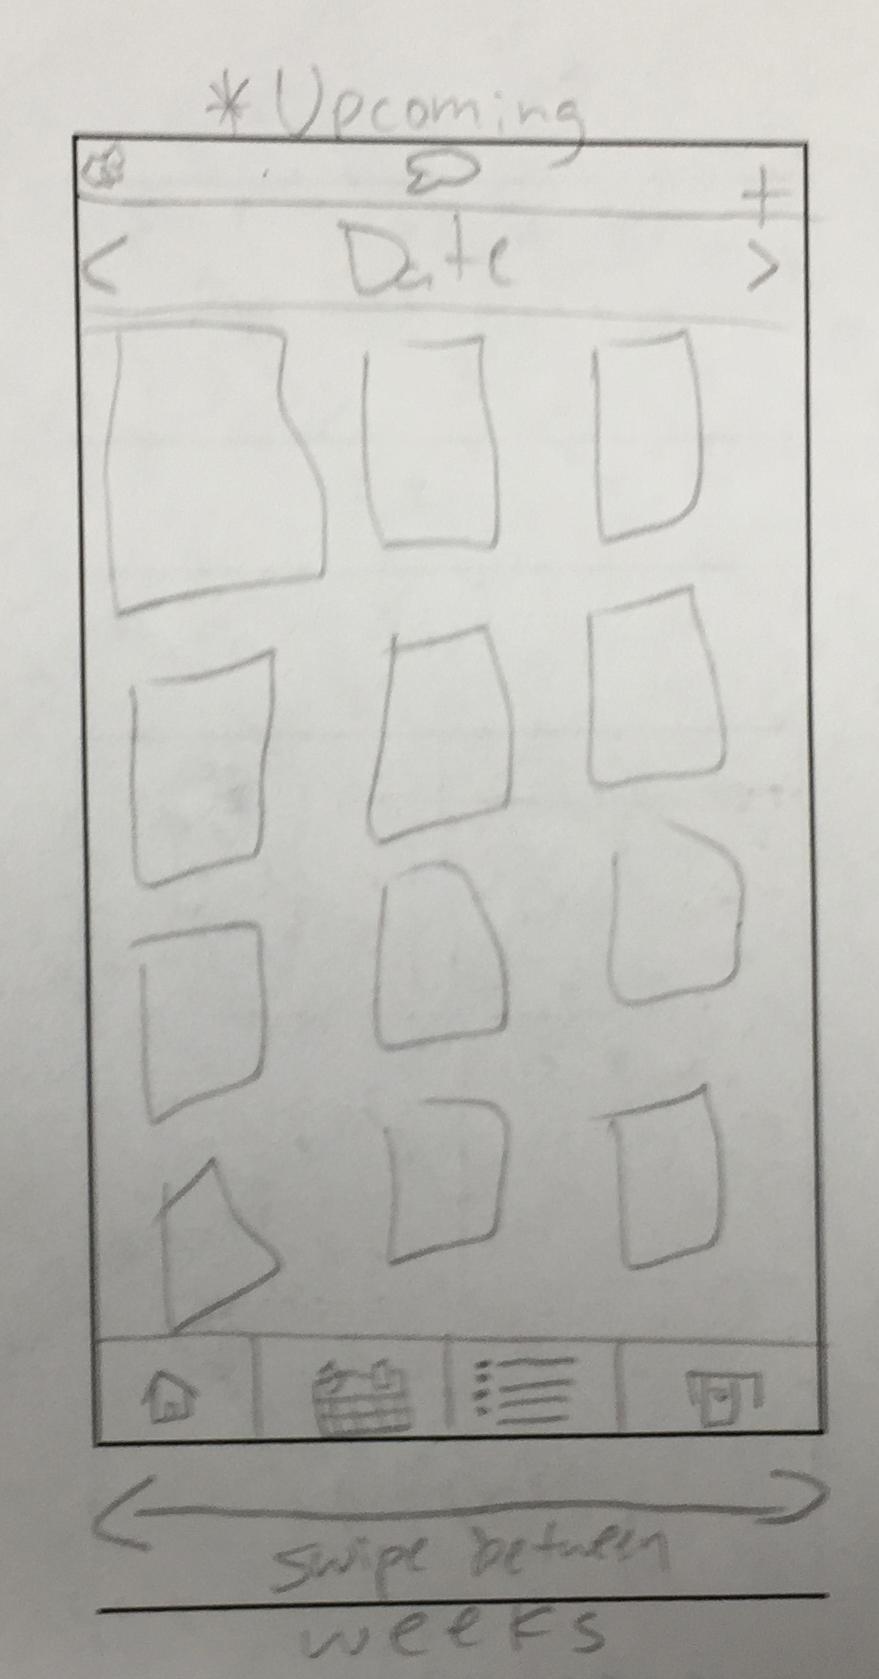 longbox-app-sketch-12.jpg